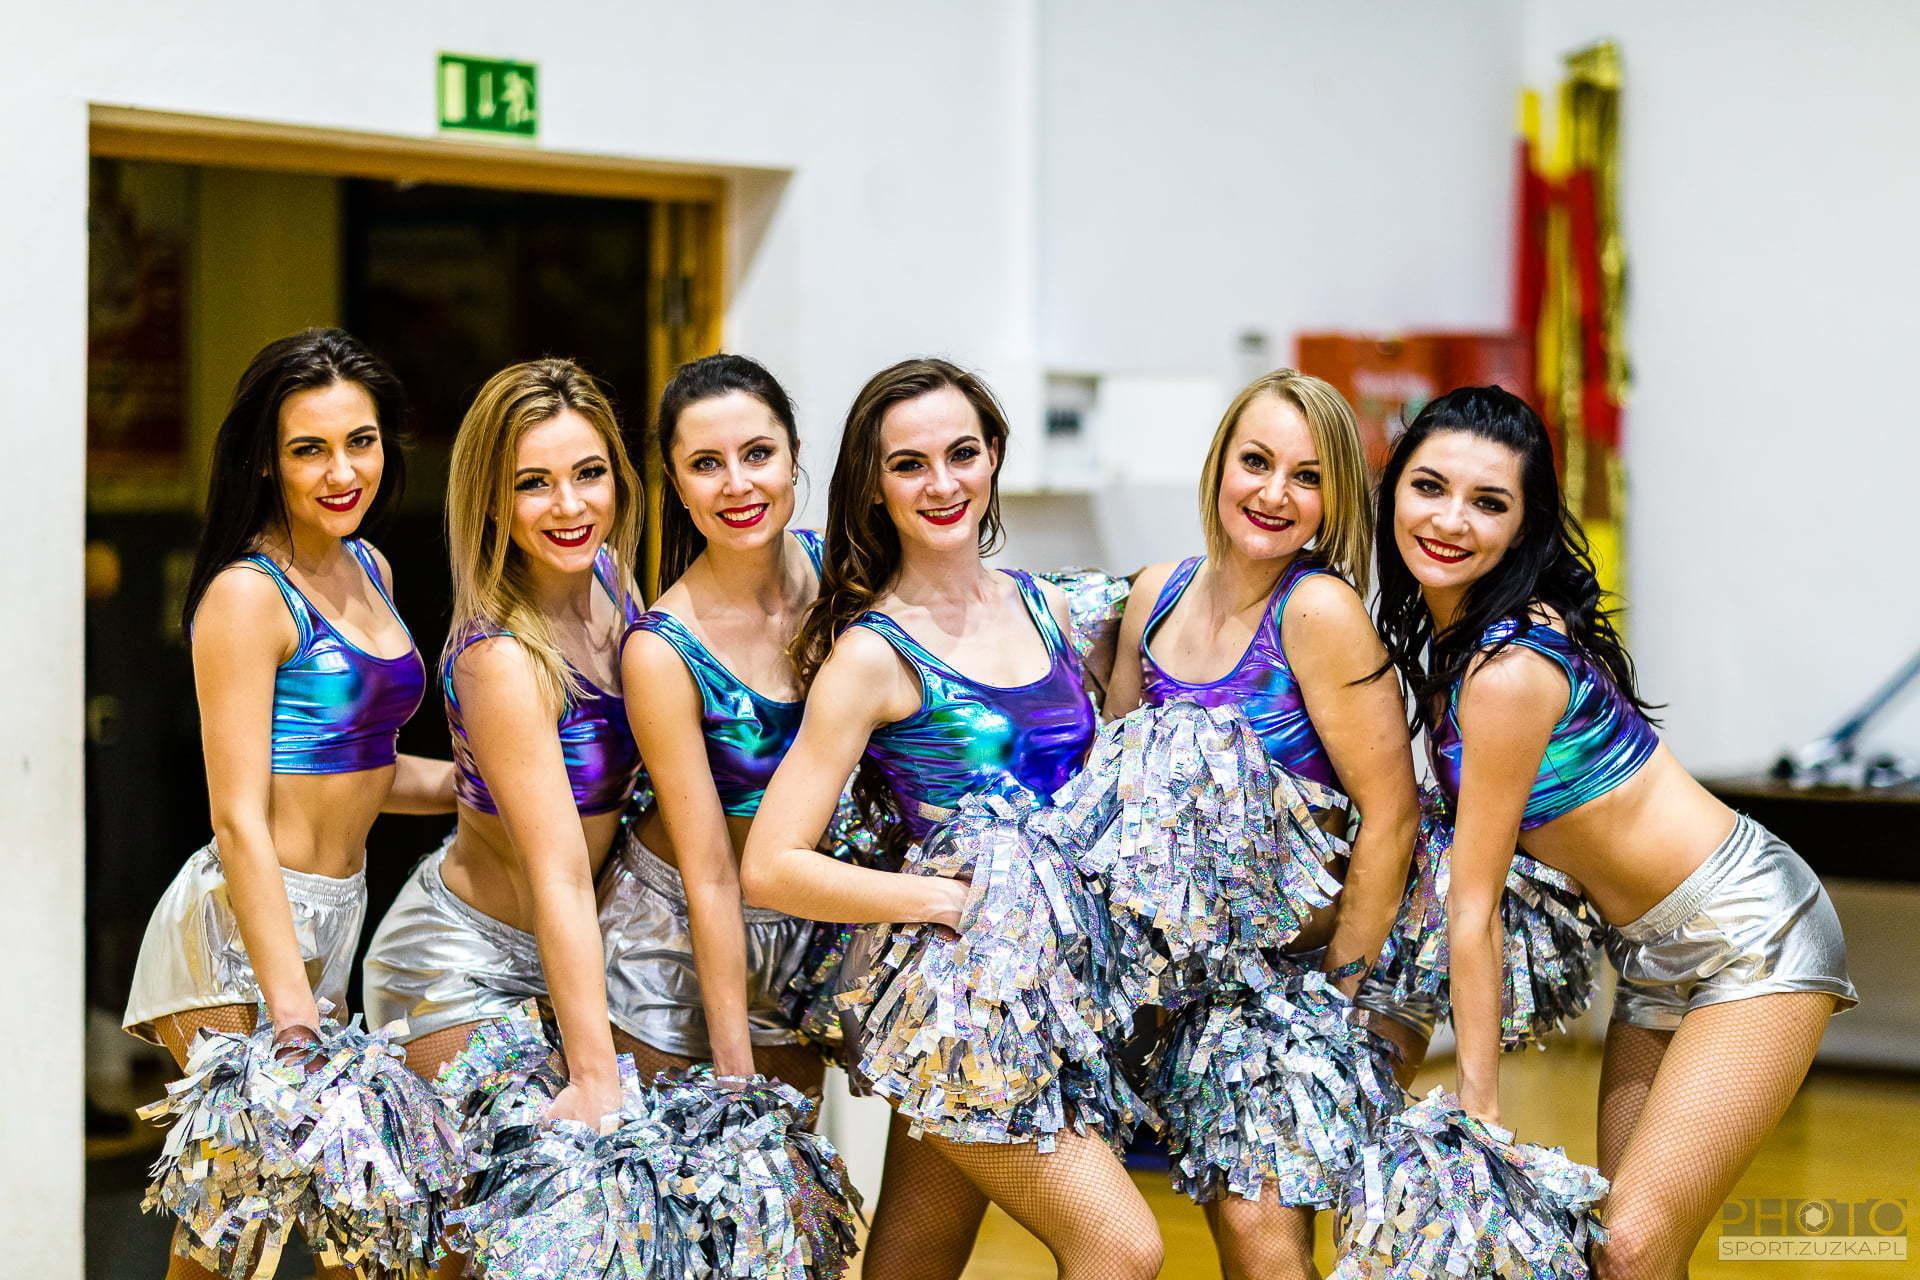 2020-03-08 Glow Cheerleaders